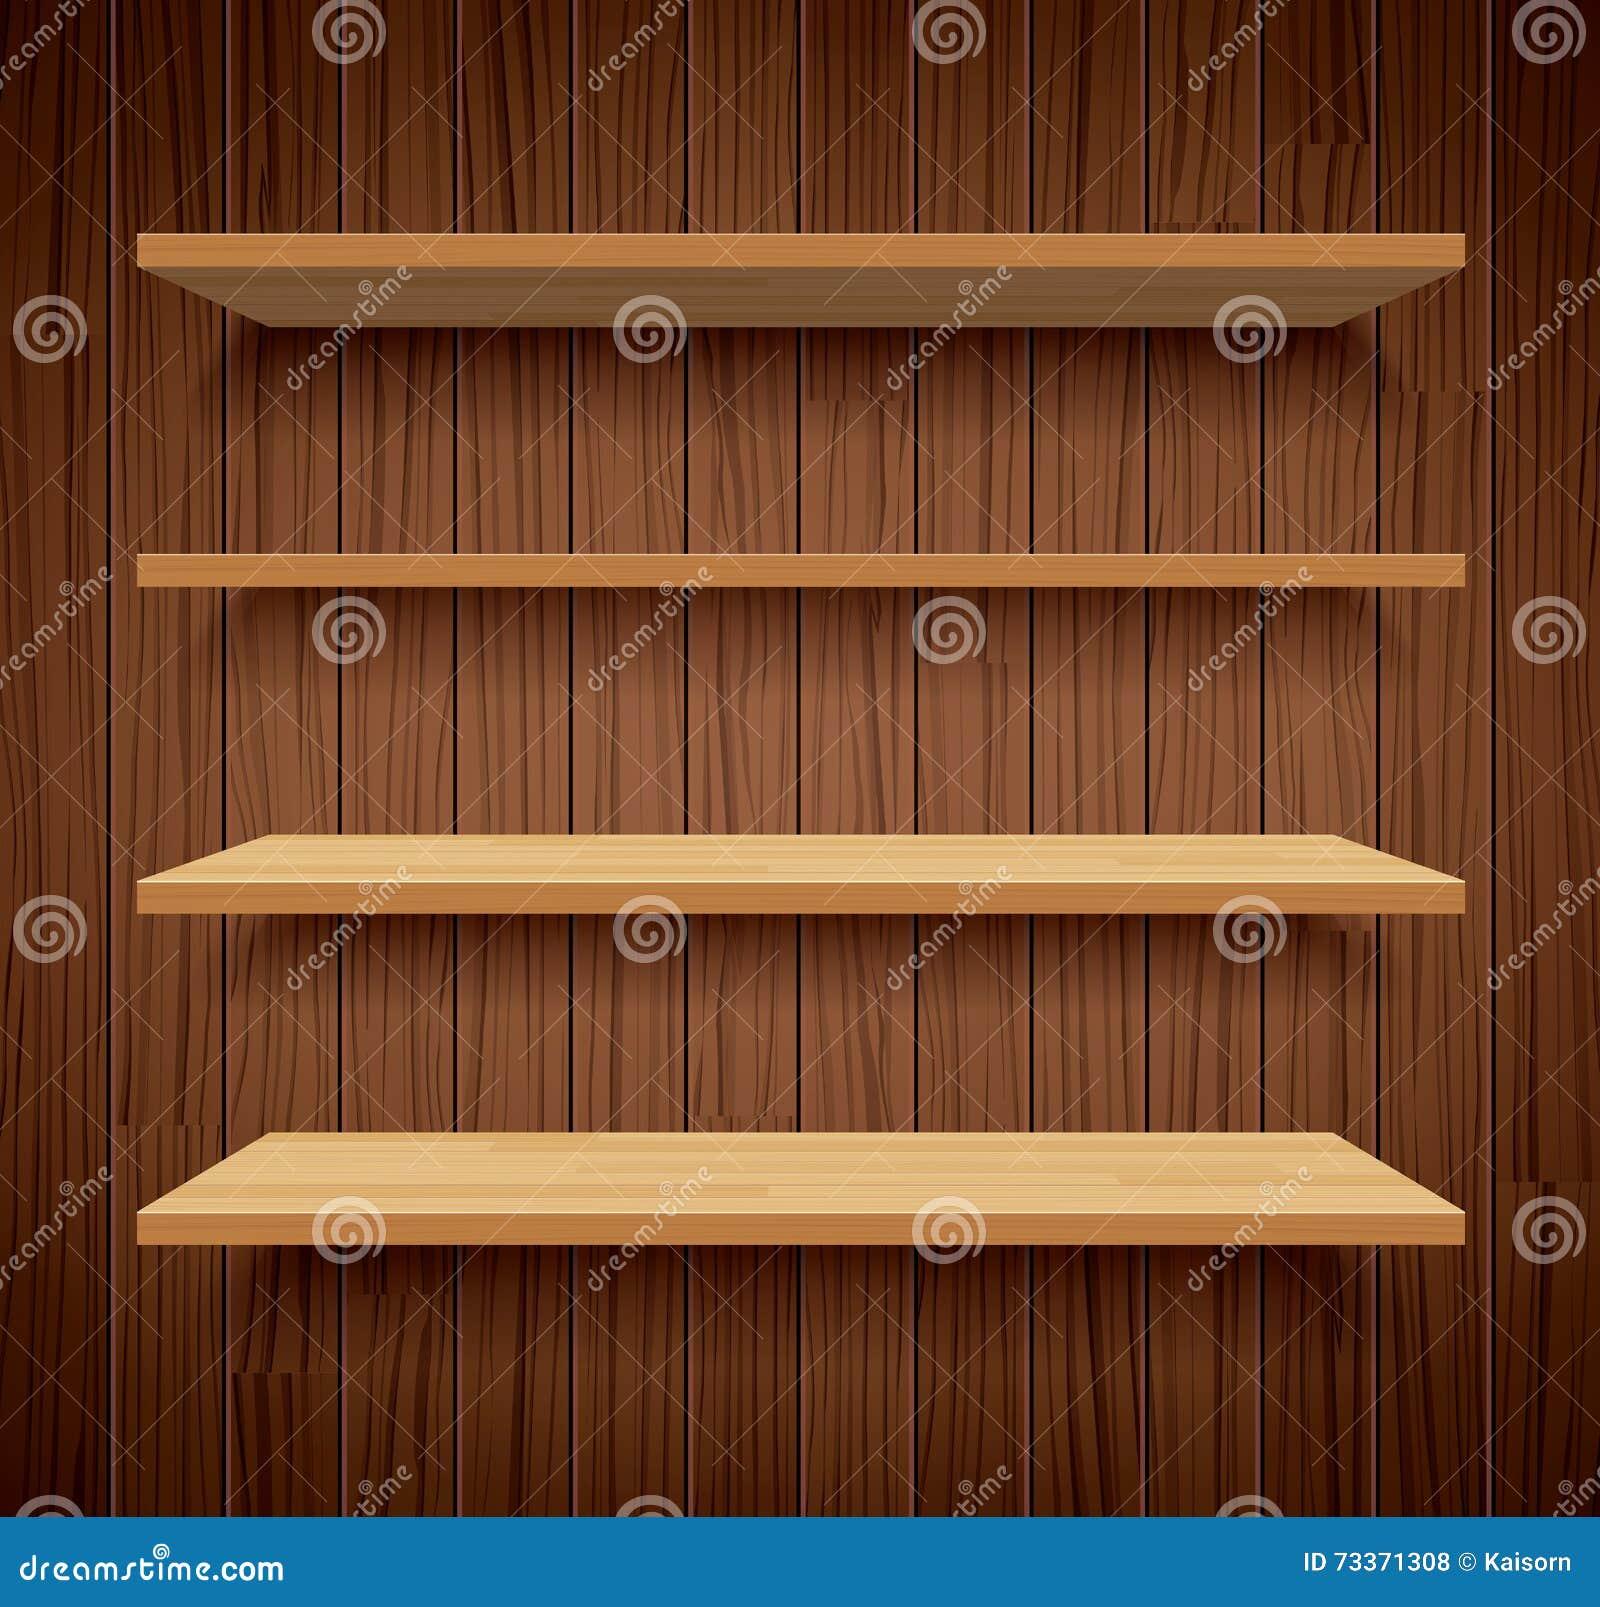 Estantes de madera en dise o plano del fondo de madera - Estantes de madera para pared ...